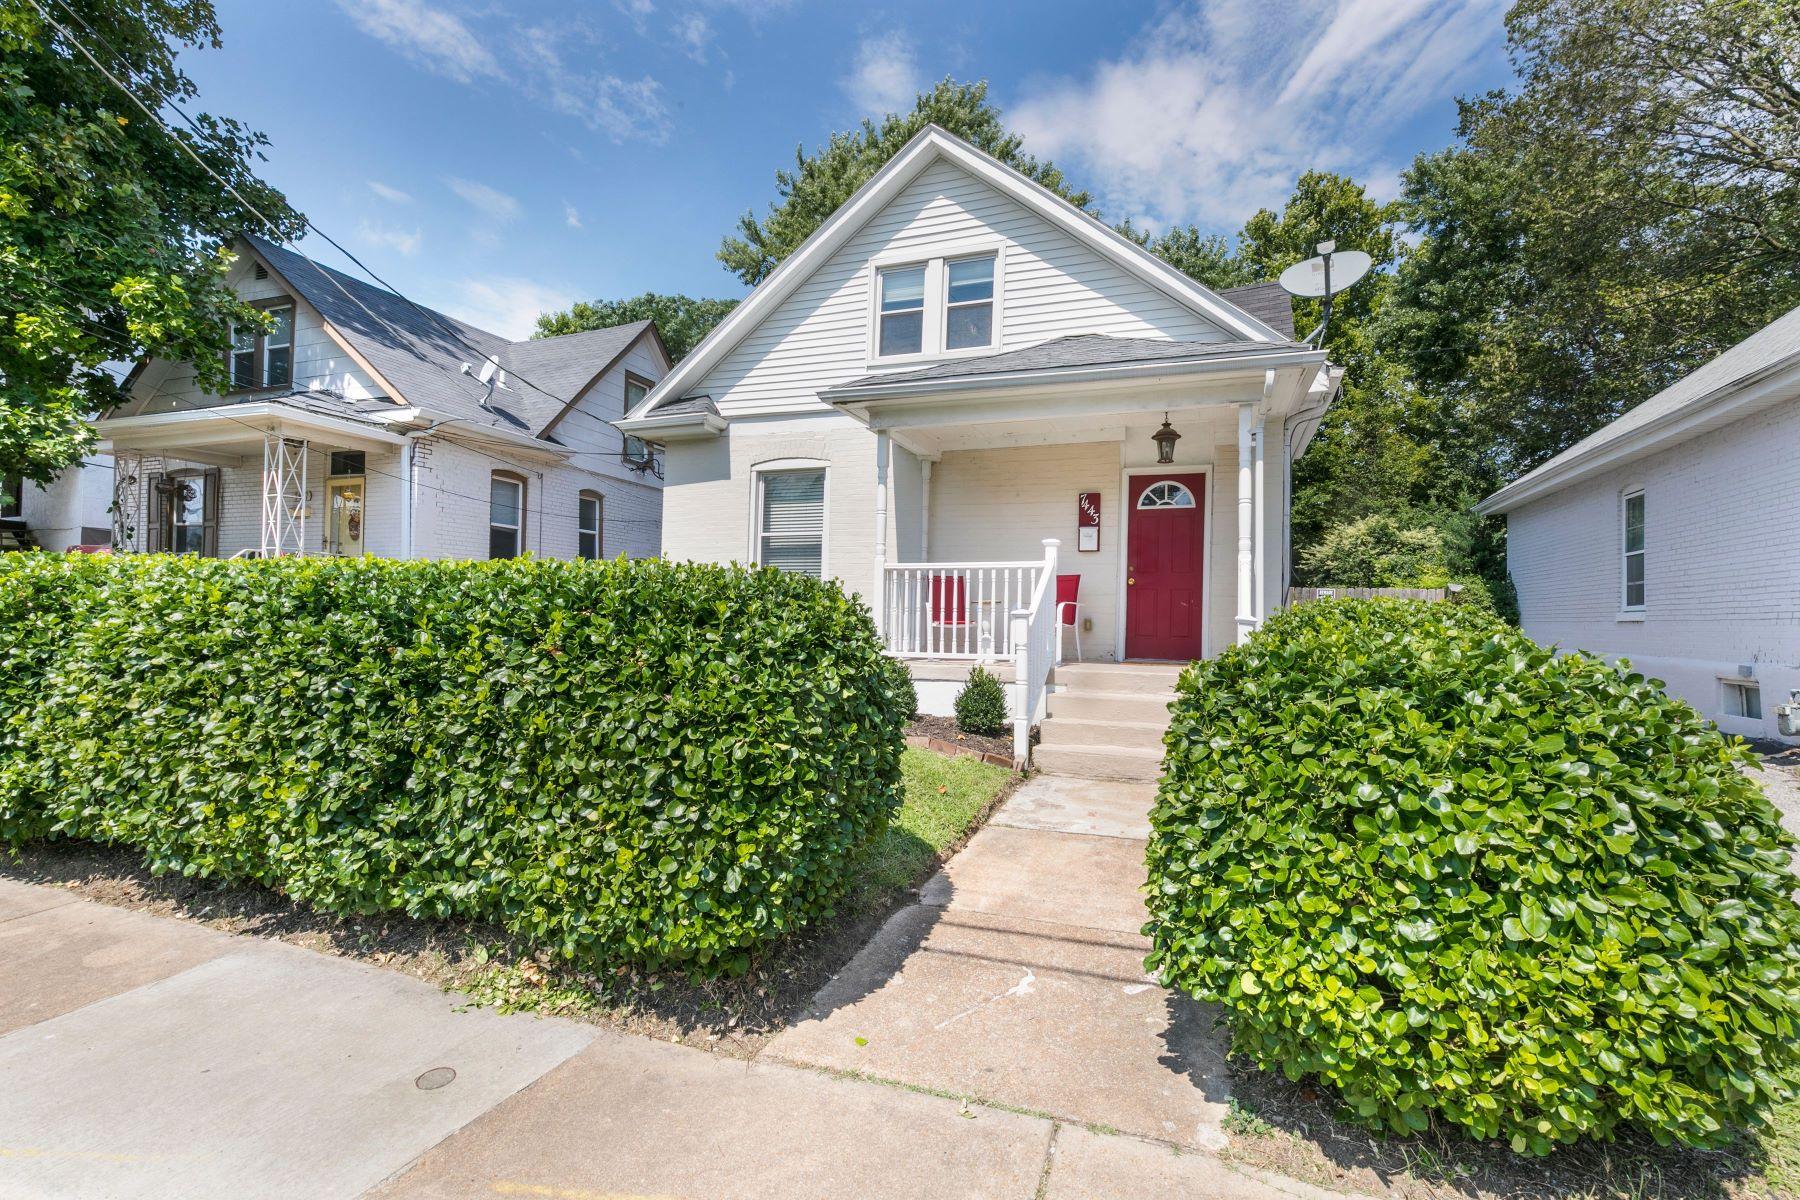 Single Family Homes для того Продажа на Adorable Maplewood Bungalow 7443 Lohmeyer Avenue Maplewood, Миссури 63143 Соединенные Штаты